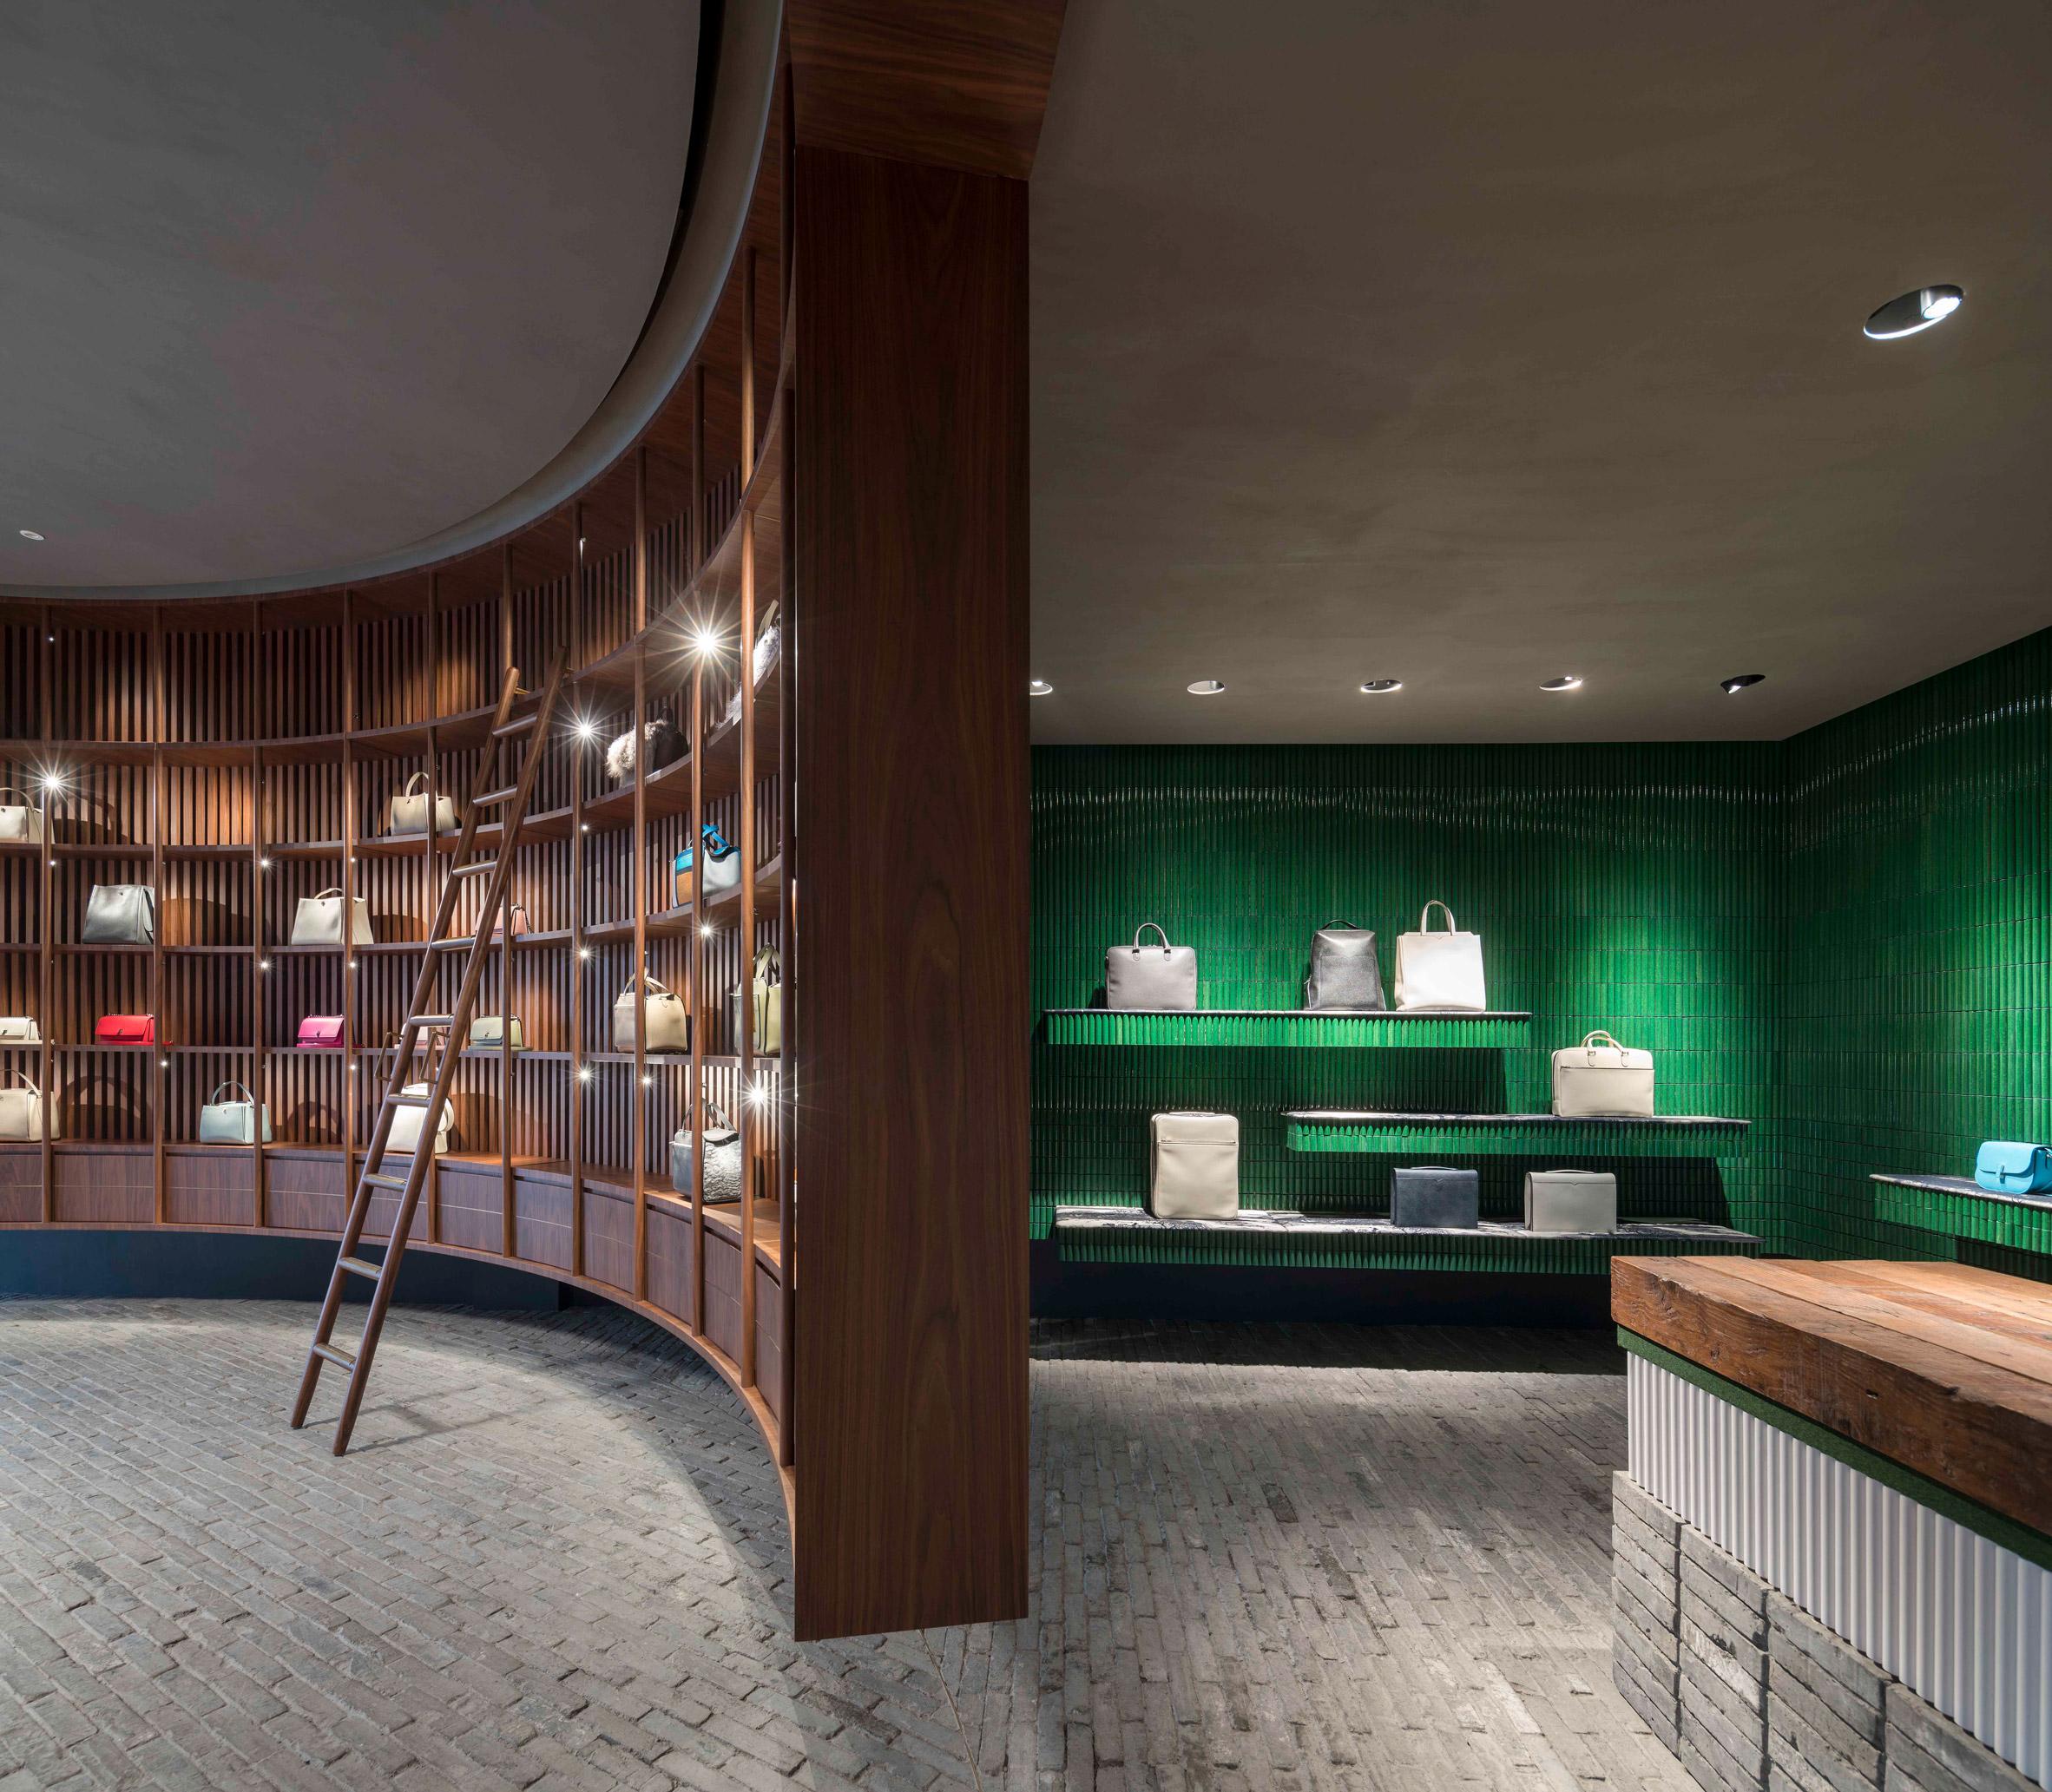 valextra-showroom-neri-hu-interiors-retail-china-chengdu_dezeen_2364_col_13